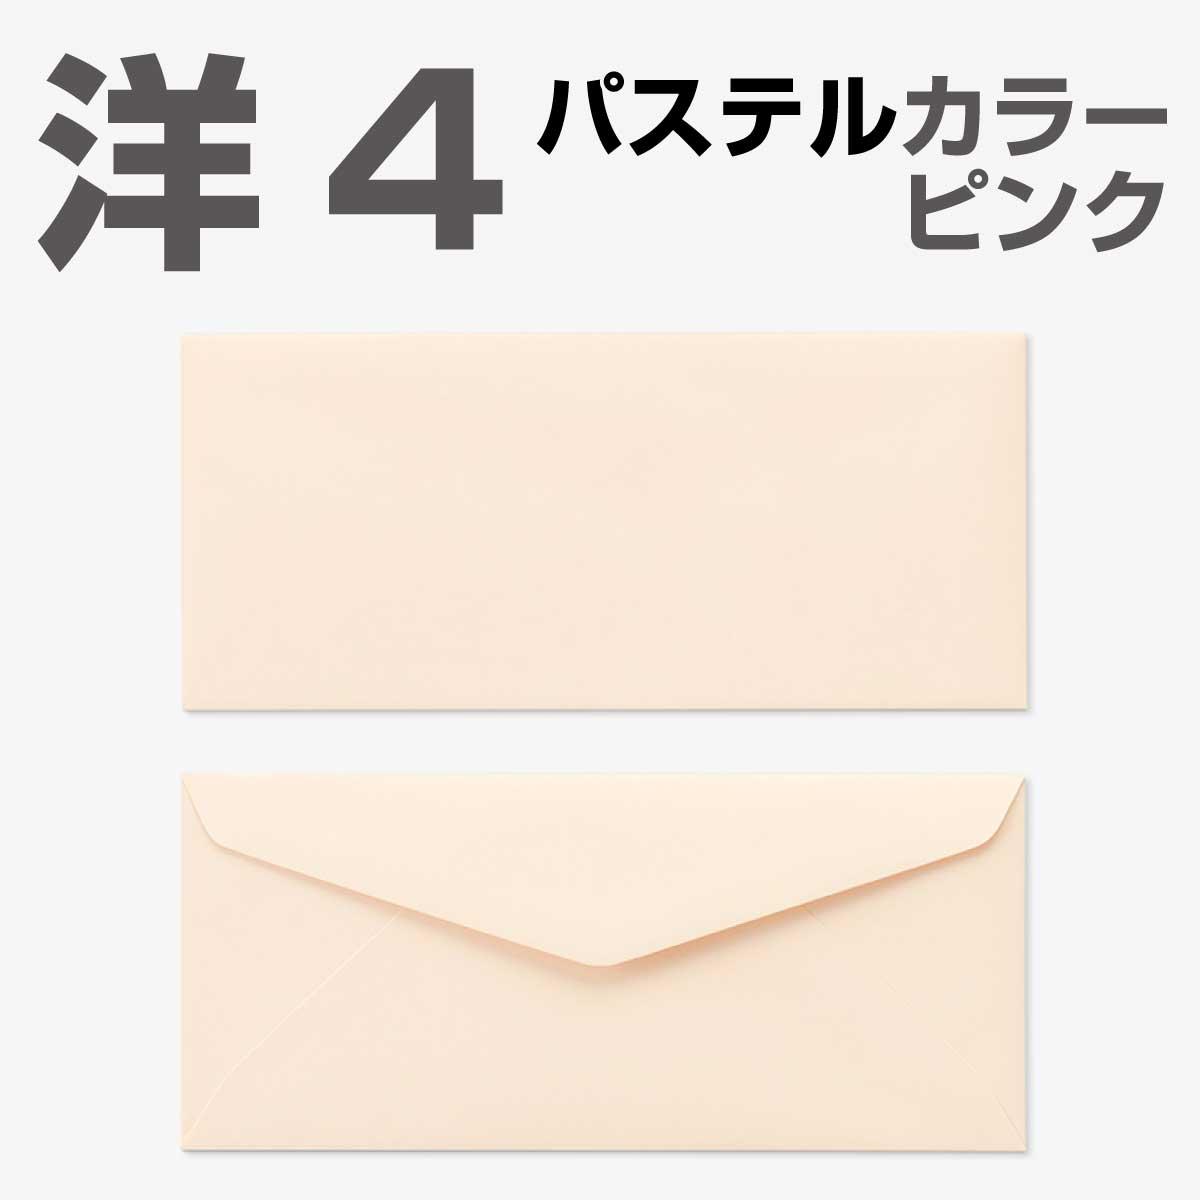 封筒 パステルカラー封筒 洋4 ダイヤ貼 パステル ピンク 100g 枠なし 50g0枚函 1000枚 yp6432